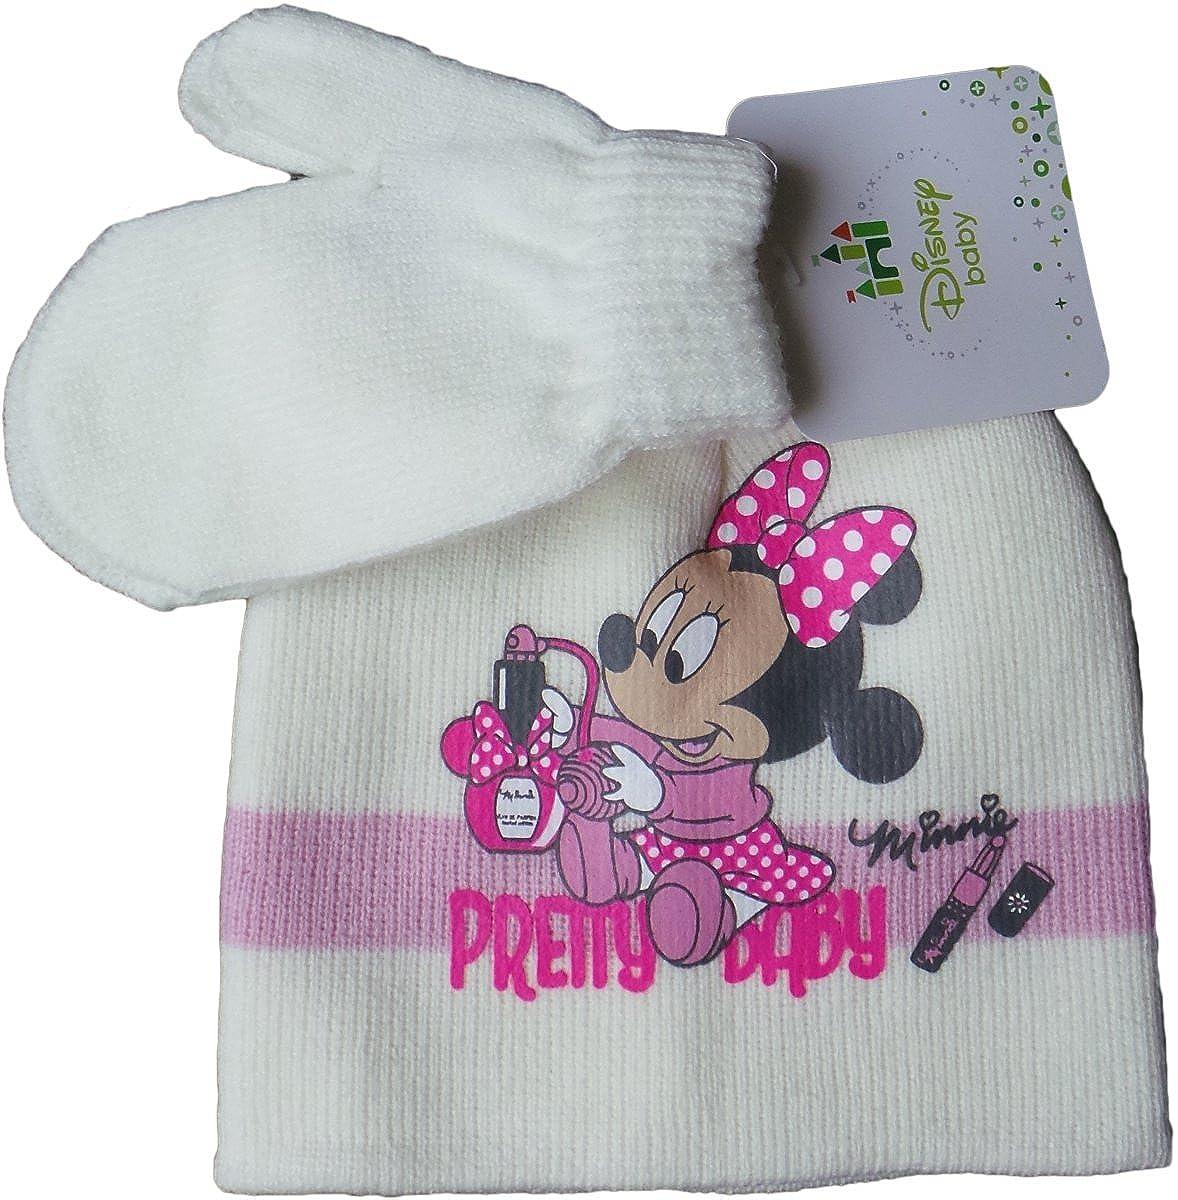 Disney Minnie Maus - Baby/Kleinkind - Winterset Mütze und Handschuhe - Pretty Baby - Pink/Beige/Mehrfarbig